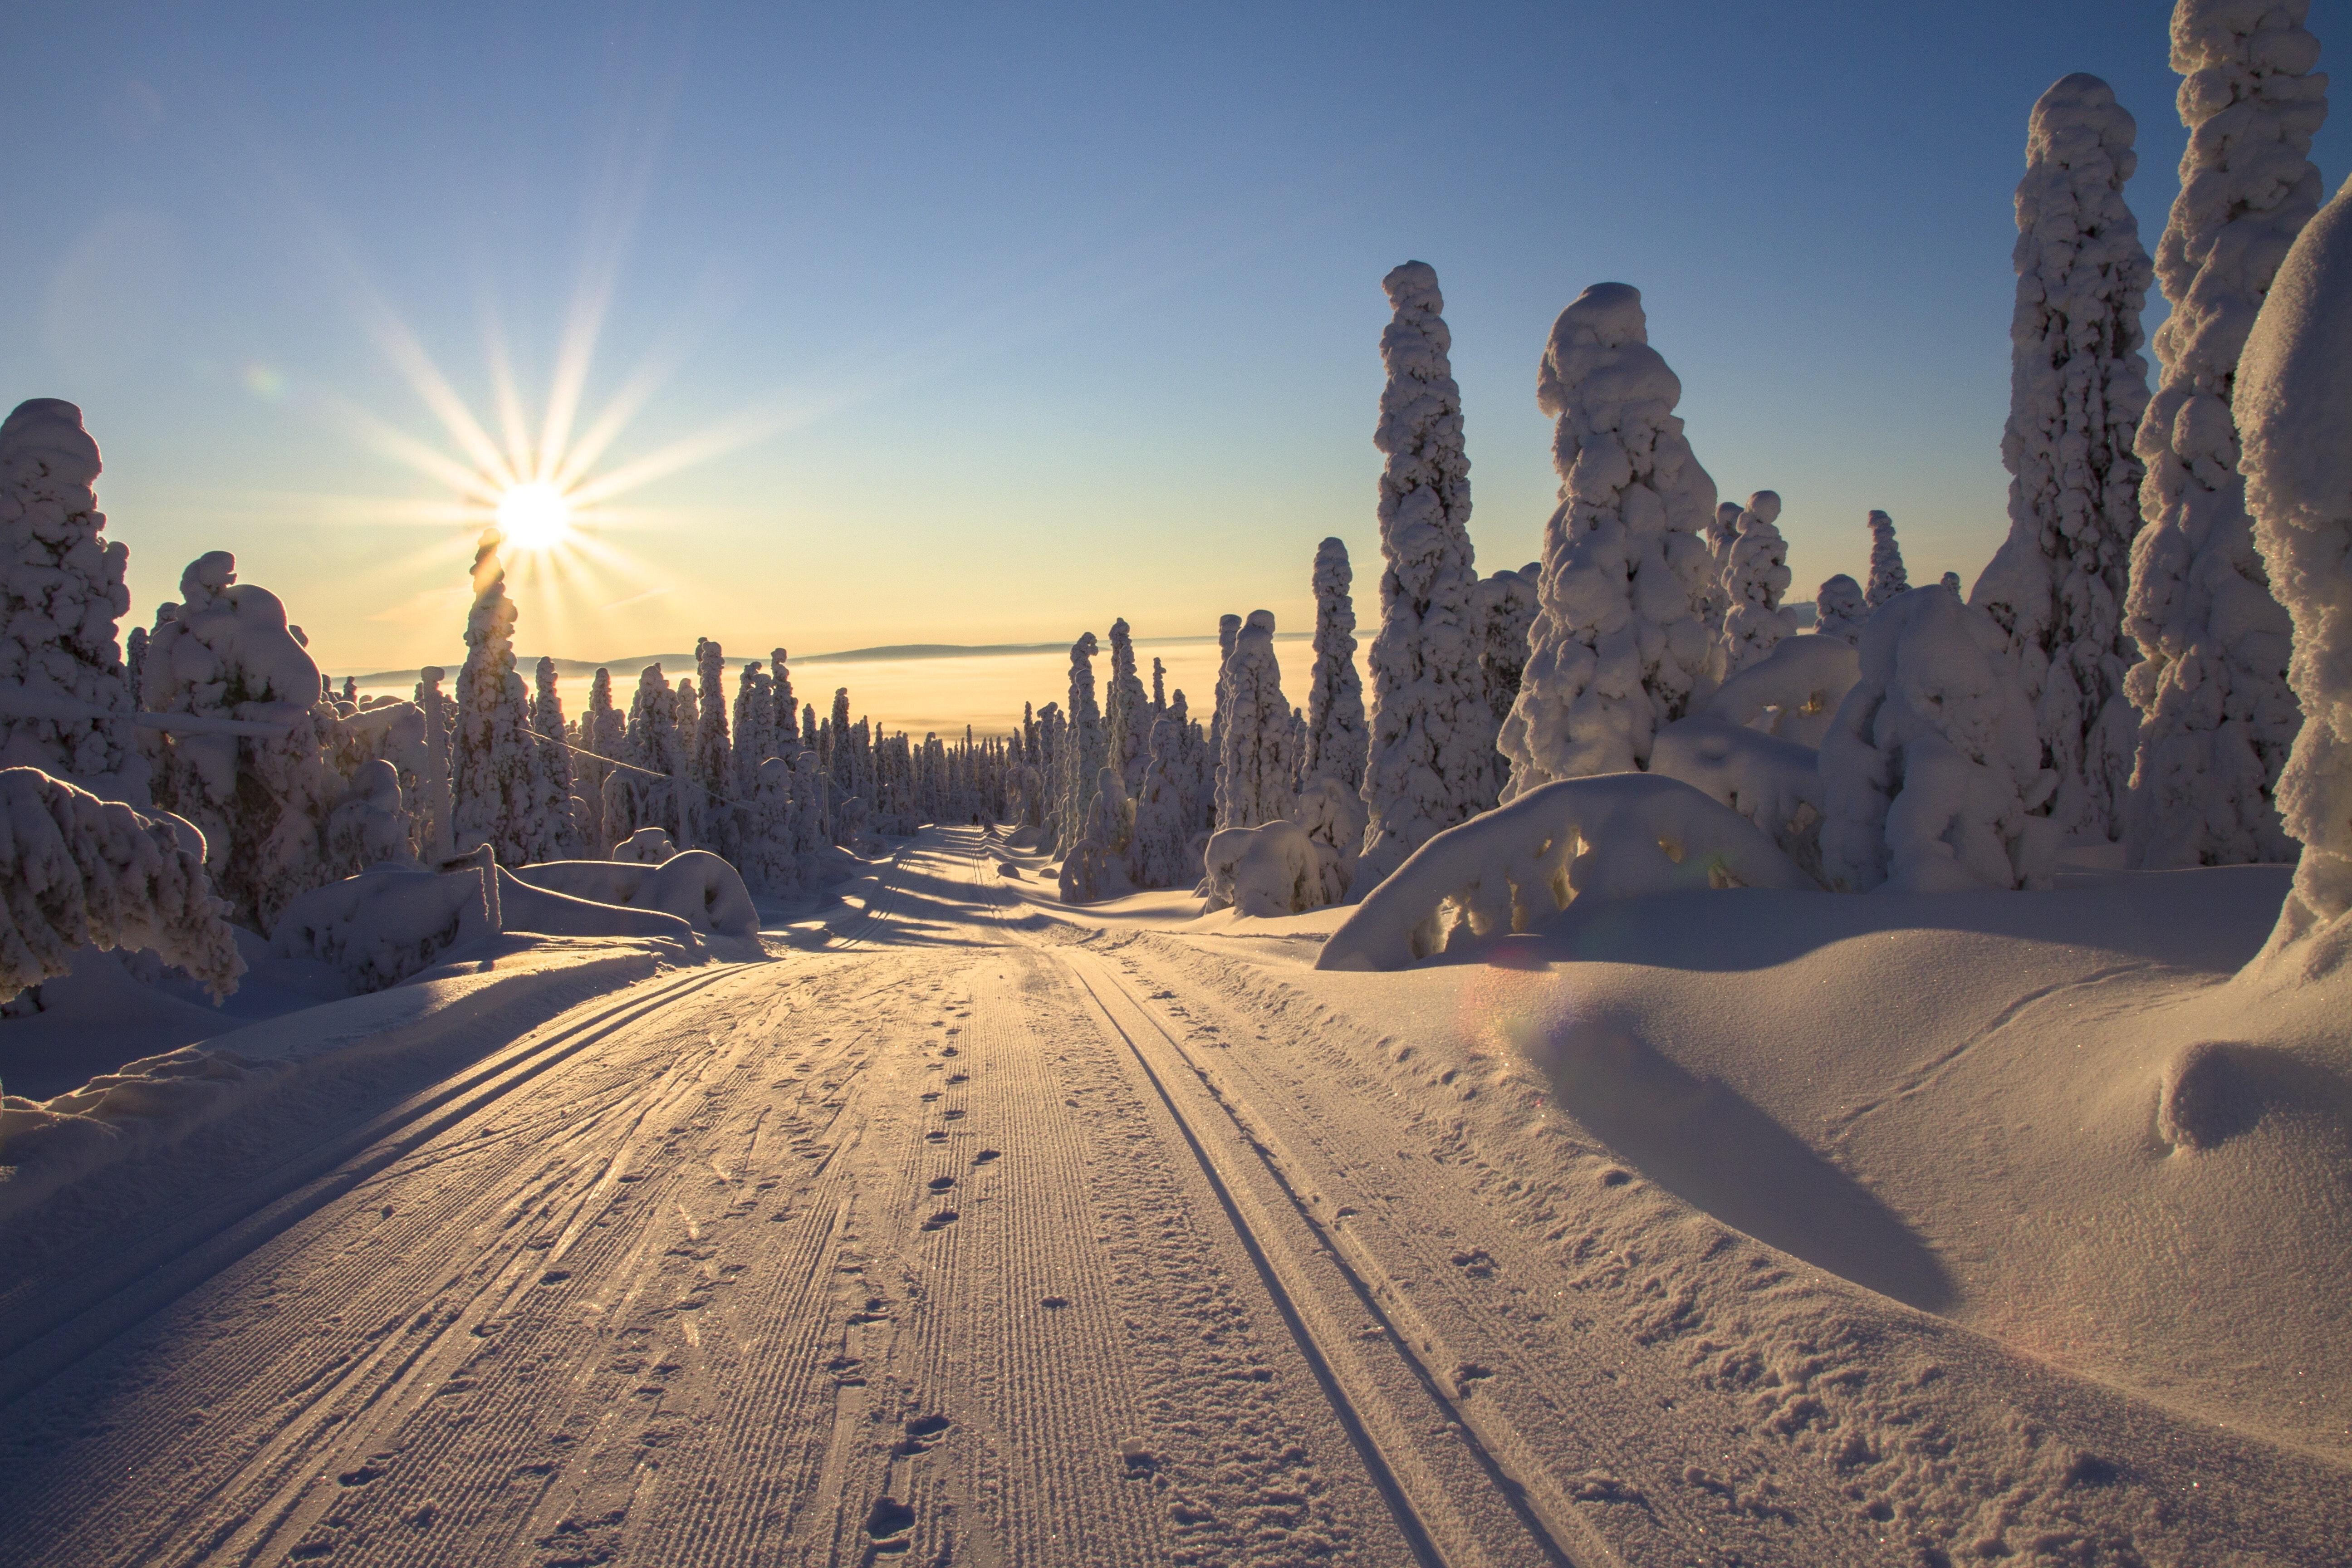 Finnland, Finnland Urlaub, Finnland Reise, Lappland